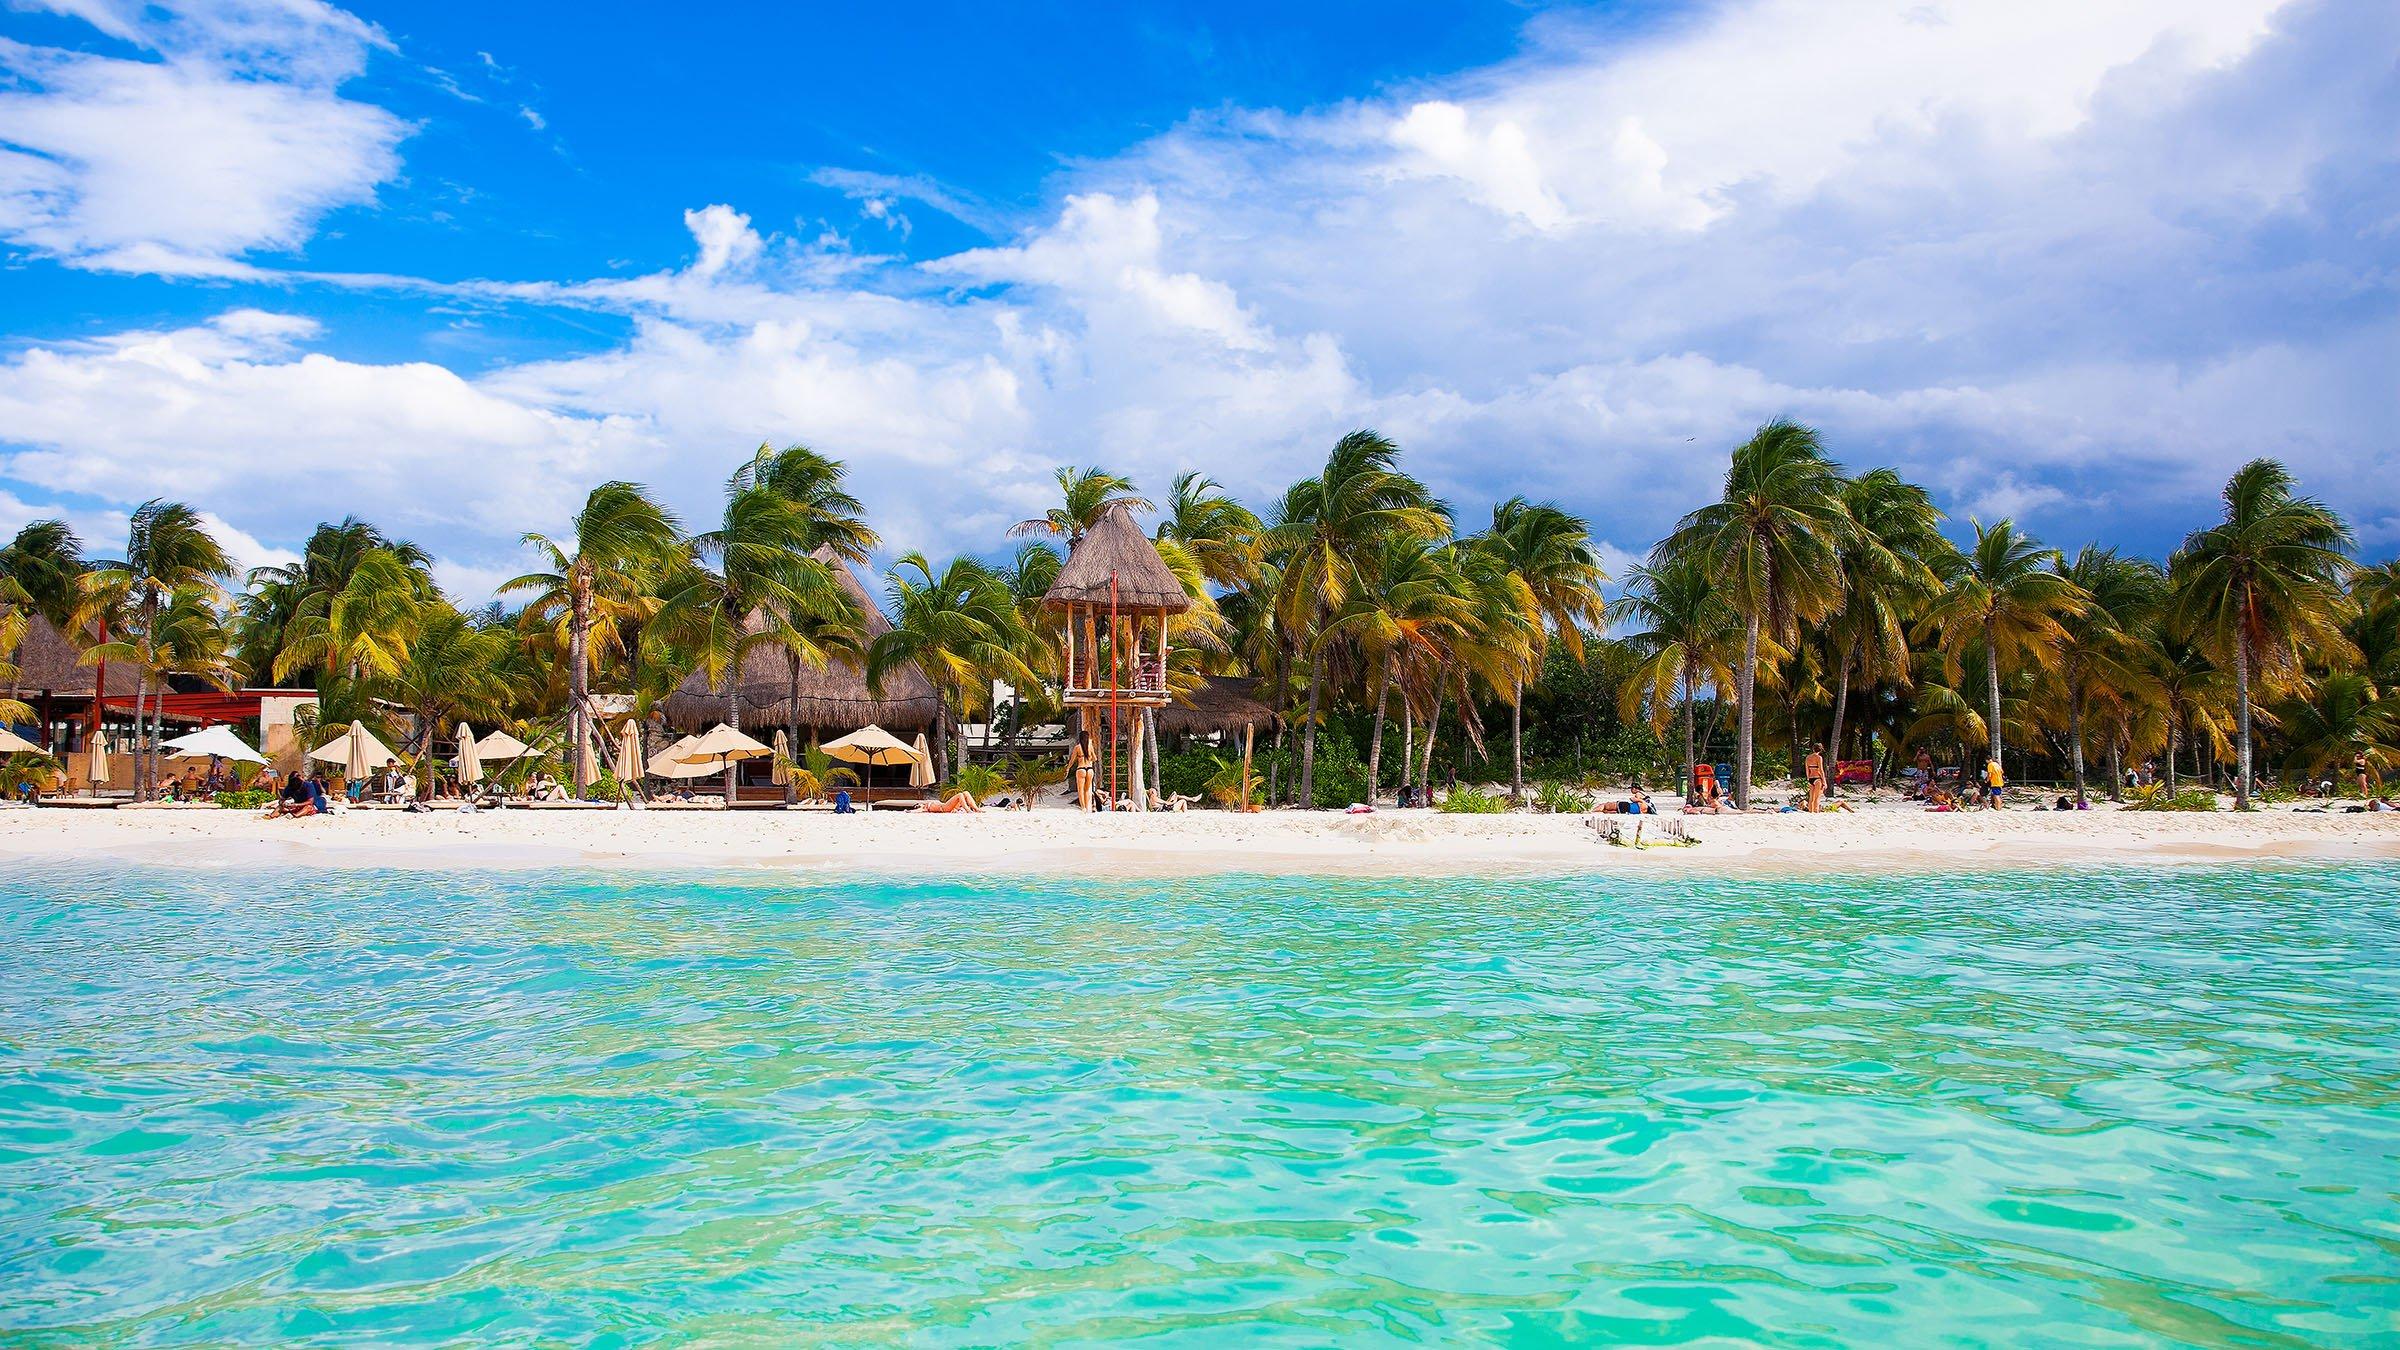 Resultado de imagen para isla mujeres mexico